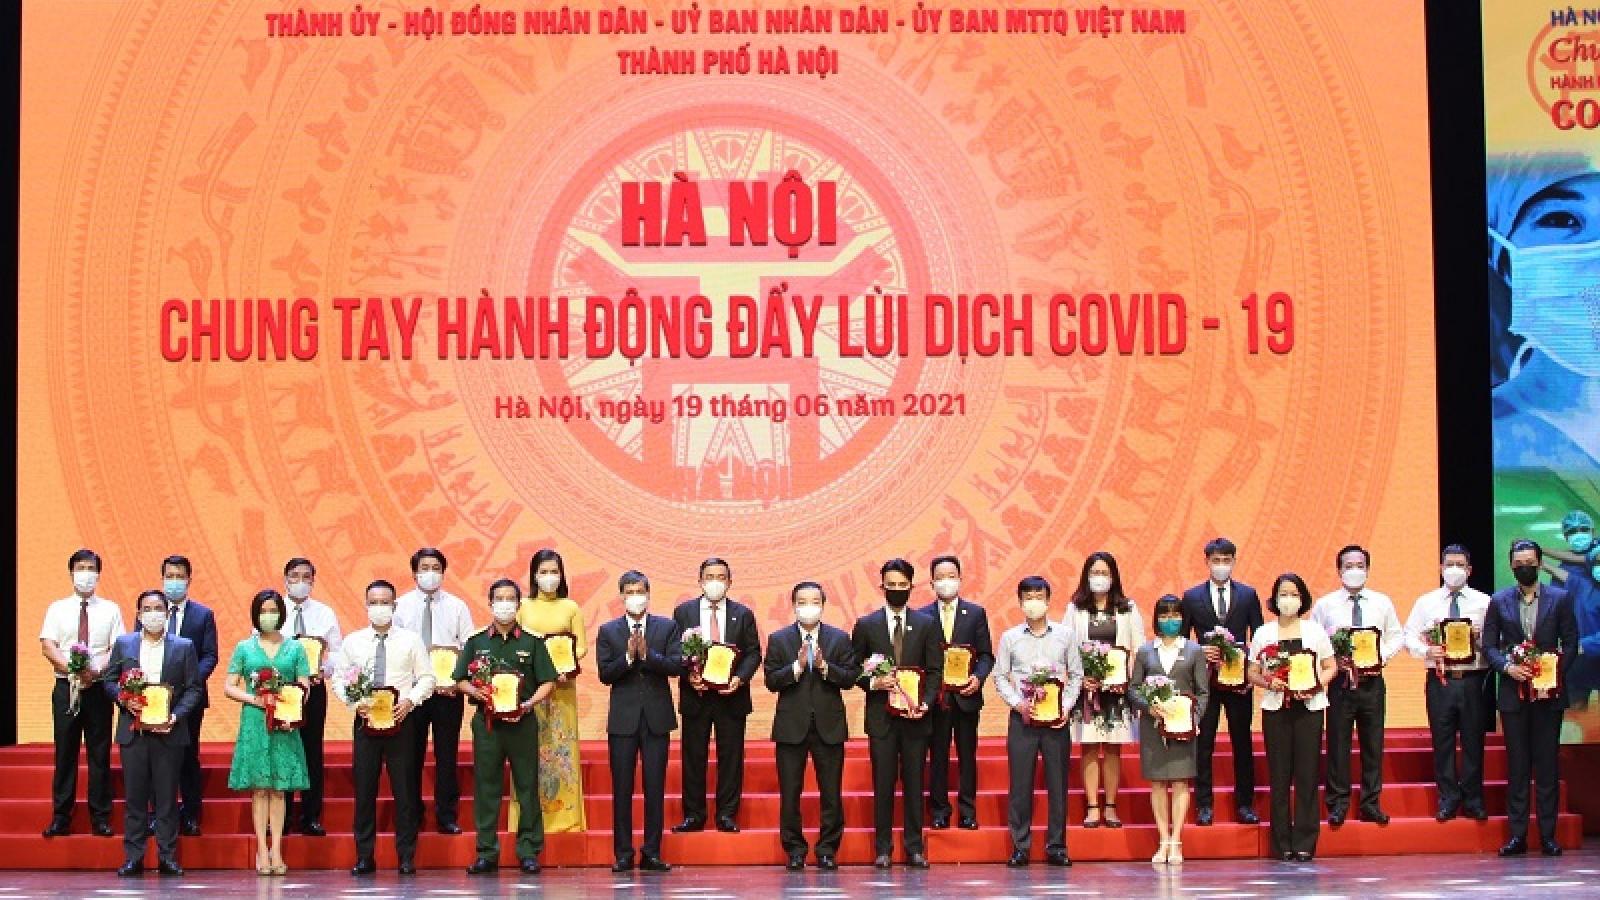 Hà Nội tiếp nhận hỗ trợ hơn 1.700 tỷ đồng và 2,5 triệu liều vaccine